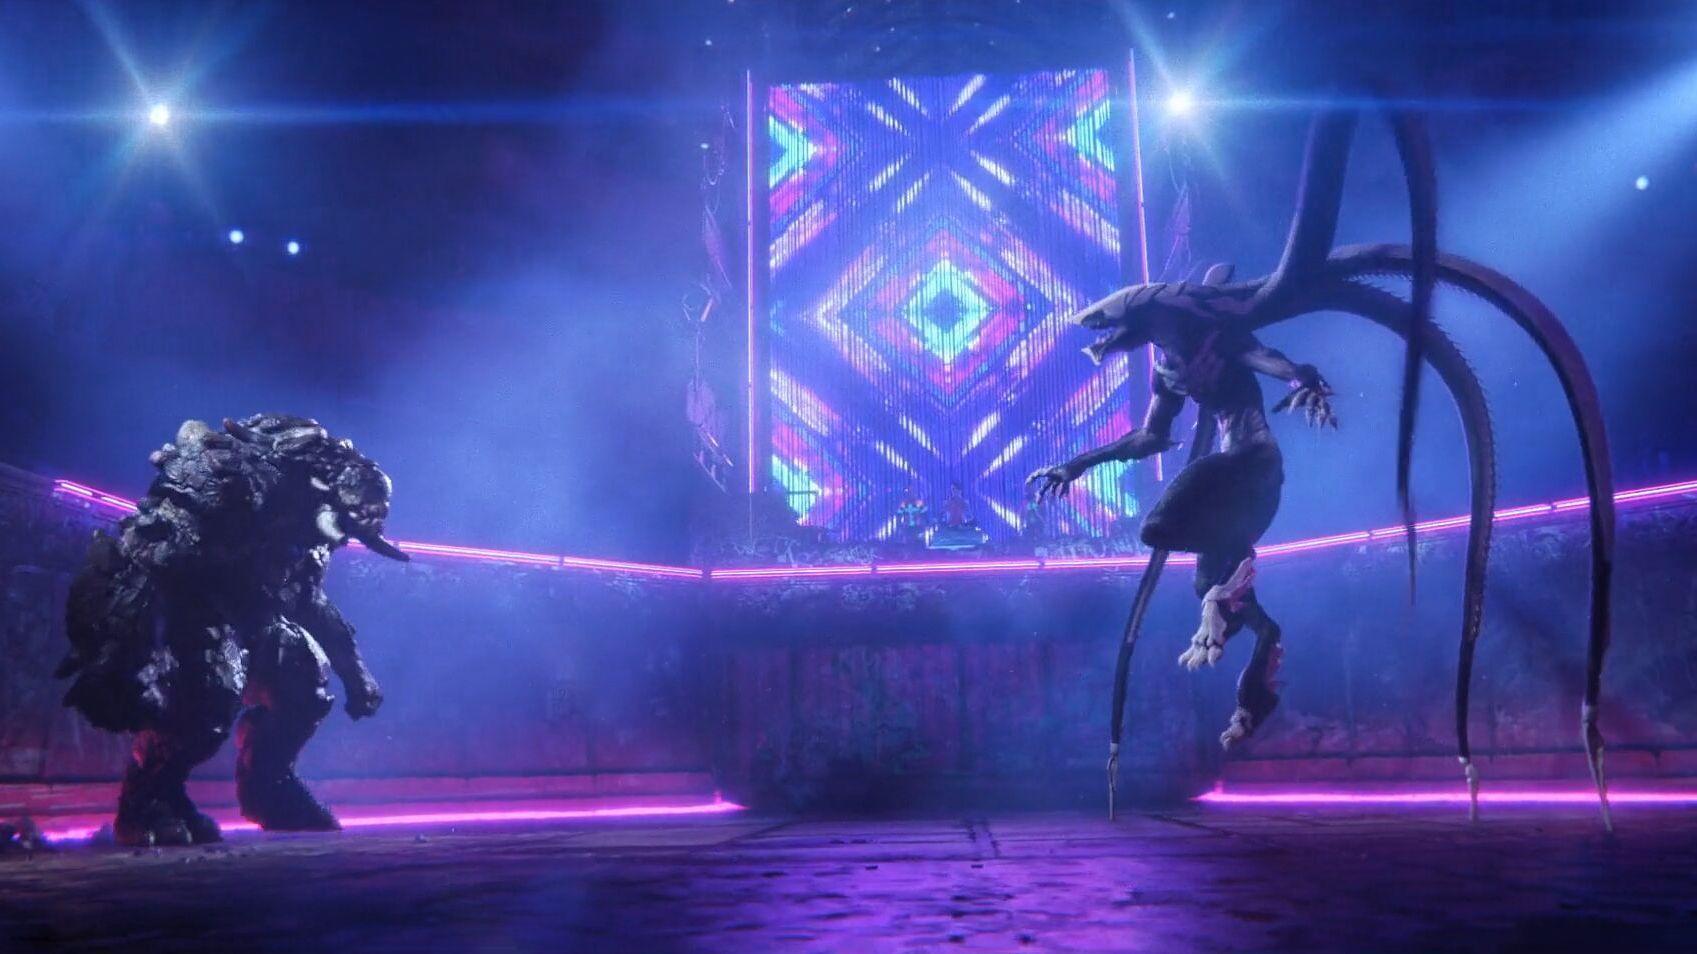 #电影最前线#斗兽场上的血腥厮杀,背后的操控者竟是可爱的机器人妹子